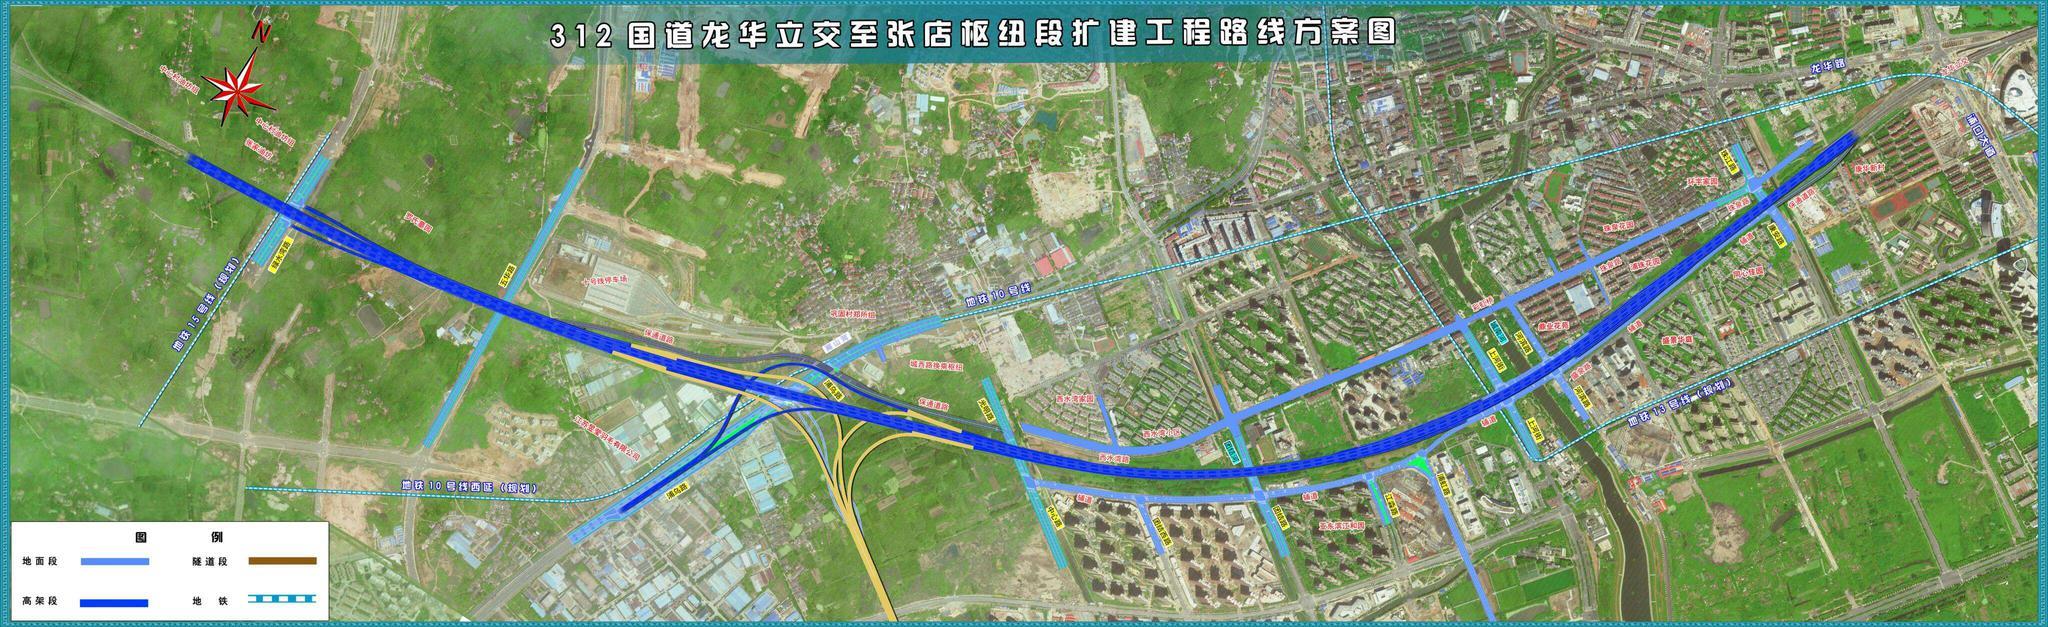 全部旧路废料零废弃!江苏首个绿色循环基地这样修路